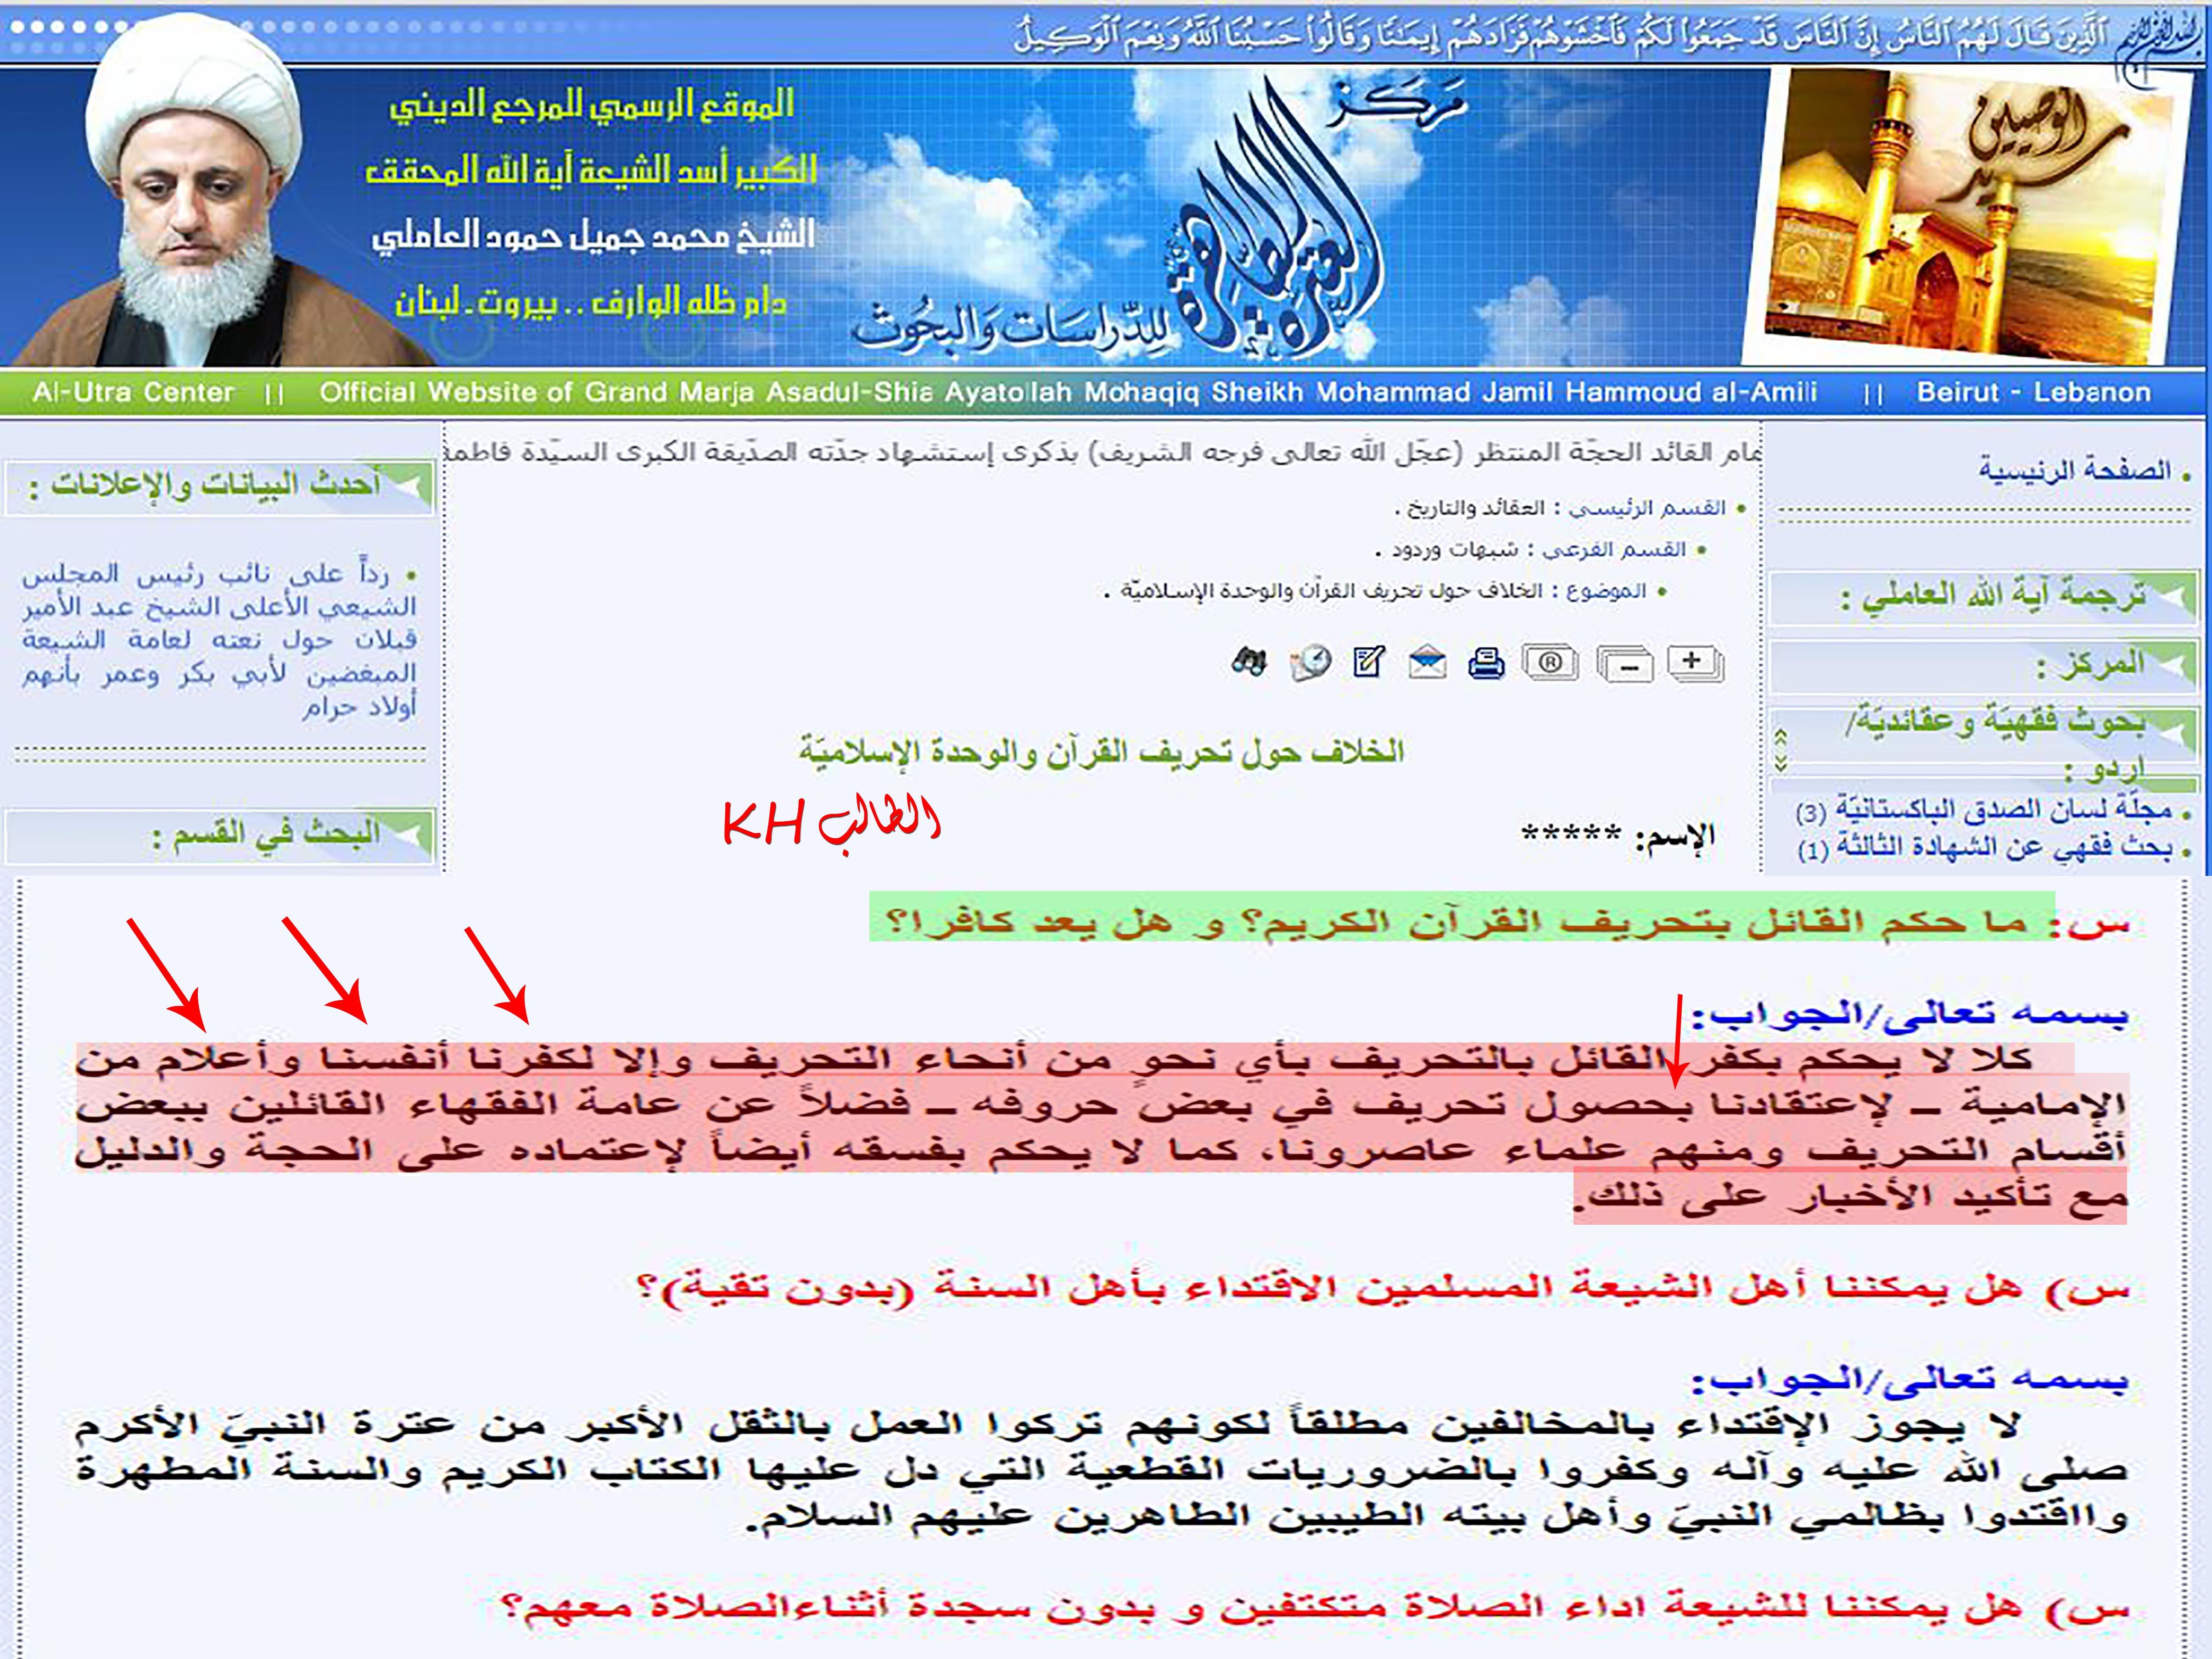 الاســـم:الخلاف حول تحريف القران و الوحدة الاسلامية فضيحة.jpg المشاهدات: 766 الحجـــم:1.16 ميجابايت